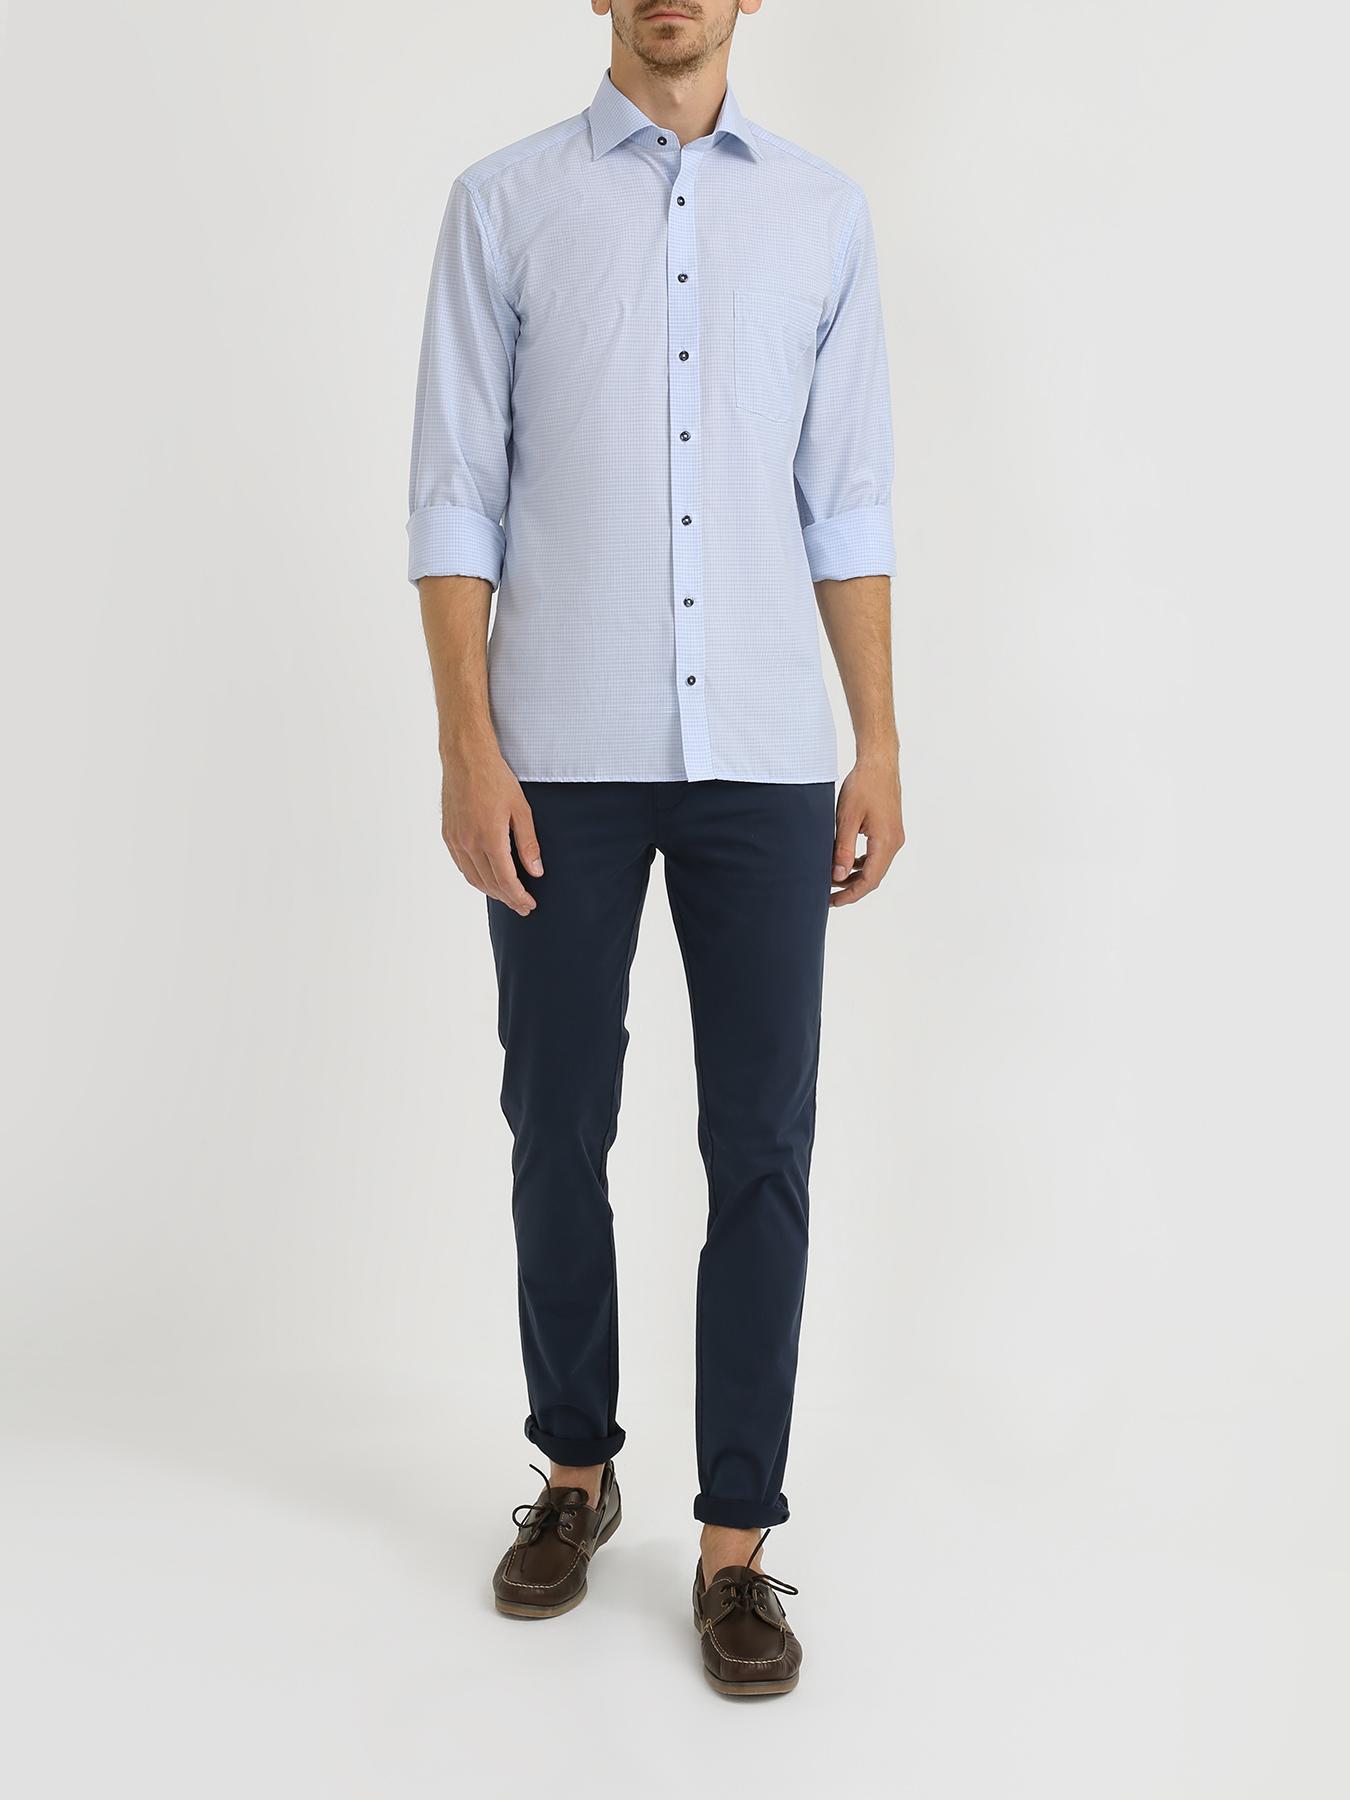 Фото - Рубашка Eterna Хлопковая рубашка с карманом рубашка lime рубашка с карманом